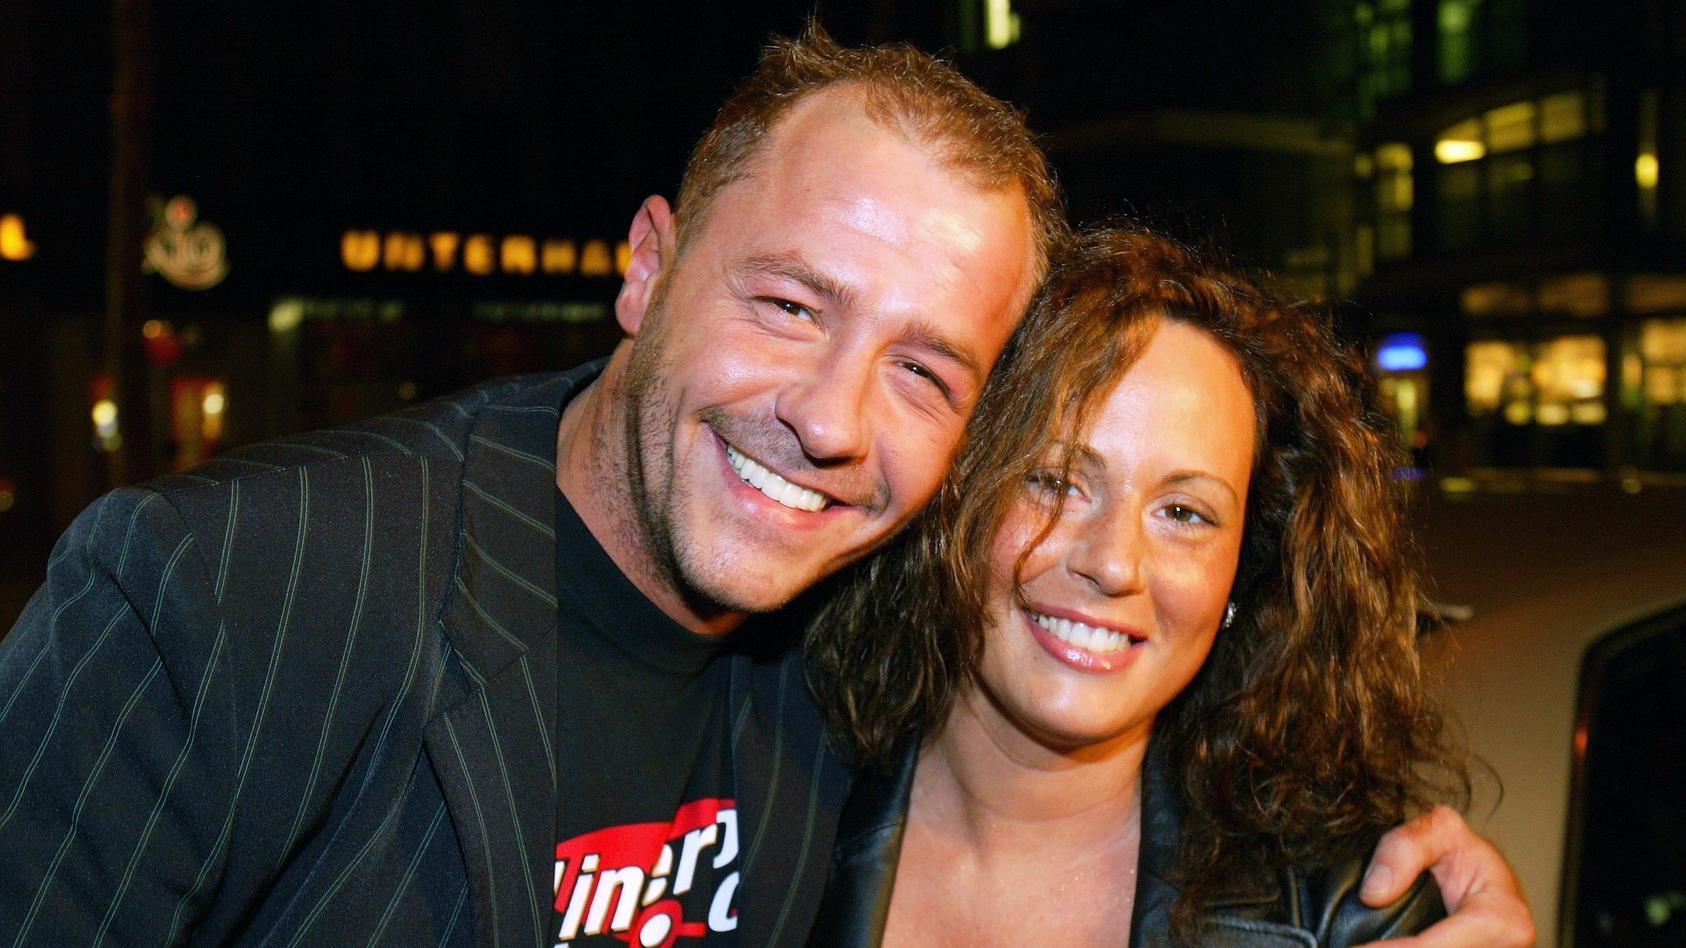 """Ein Foto aus gemeinsamen Zeiten: Schauspieler Willi Herren 2004 in der Discothek """"Nachtflug"""" in Köln mit seiner damaligen Lebensgefährtin Mirella."""